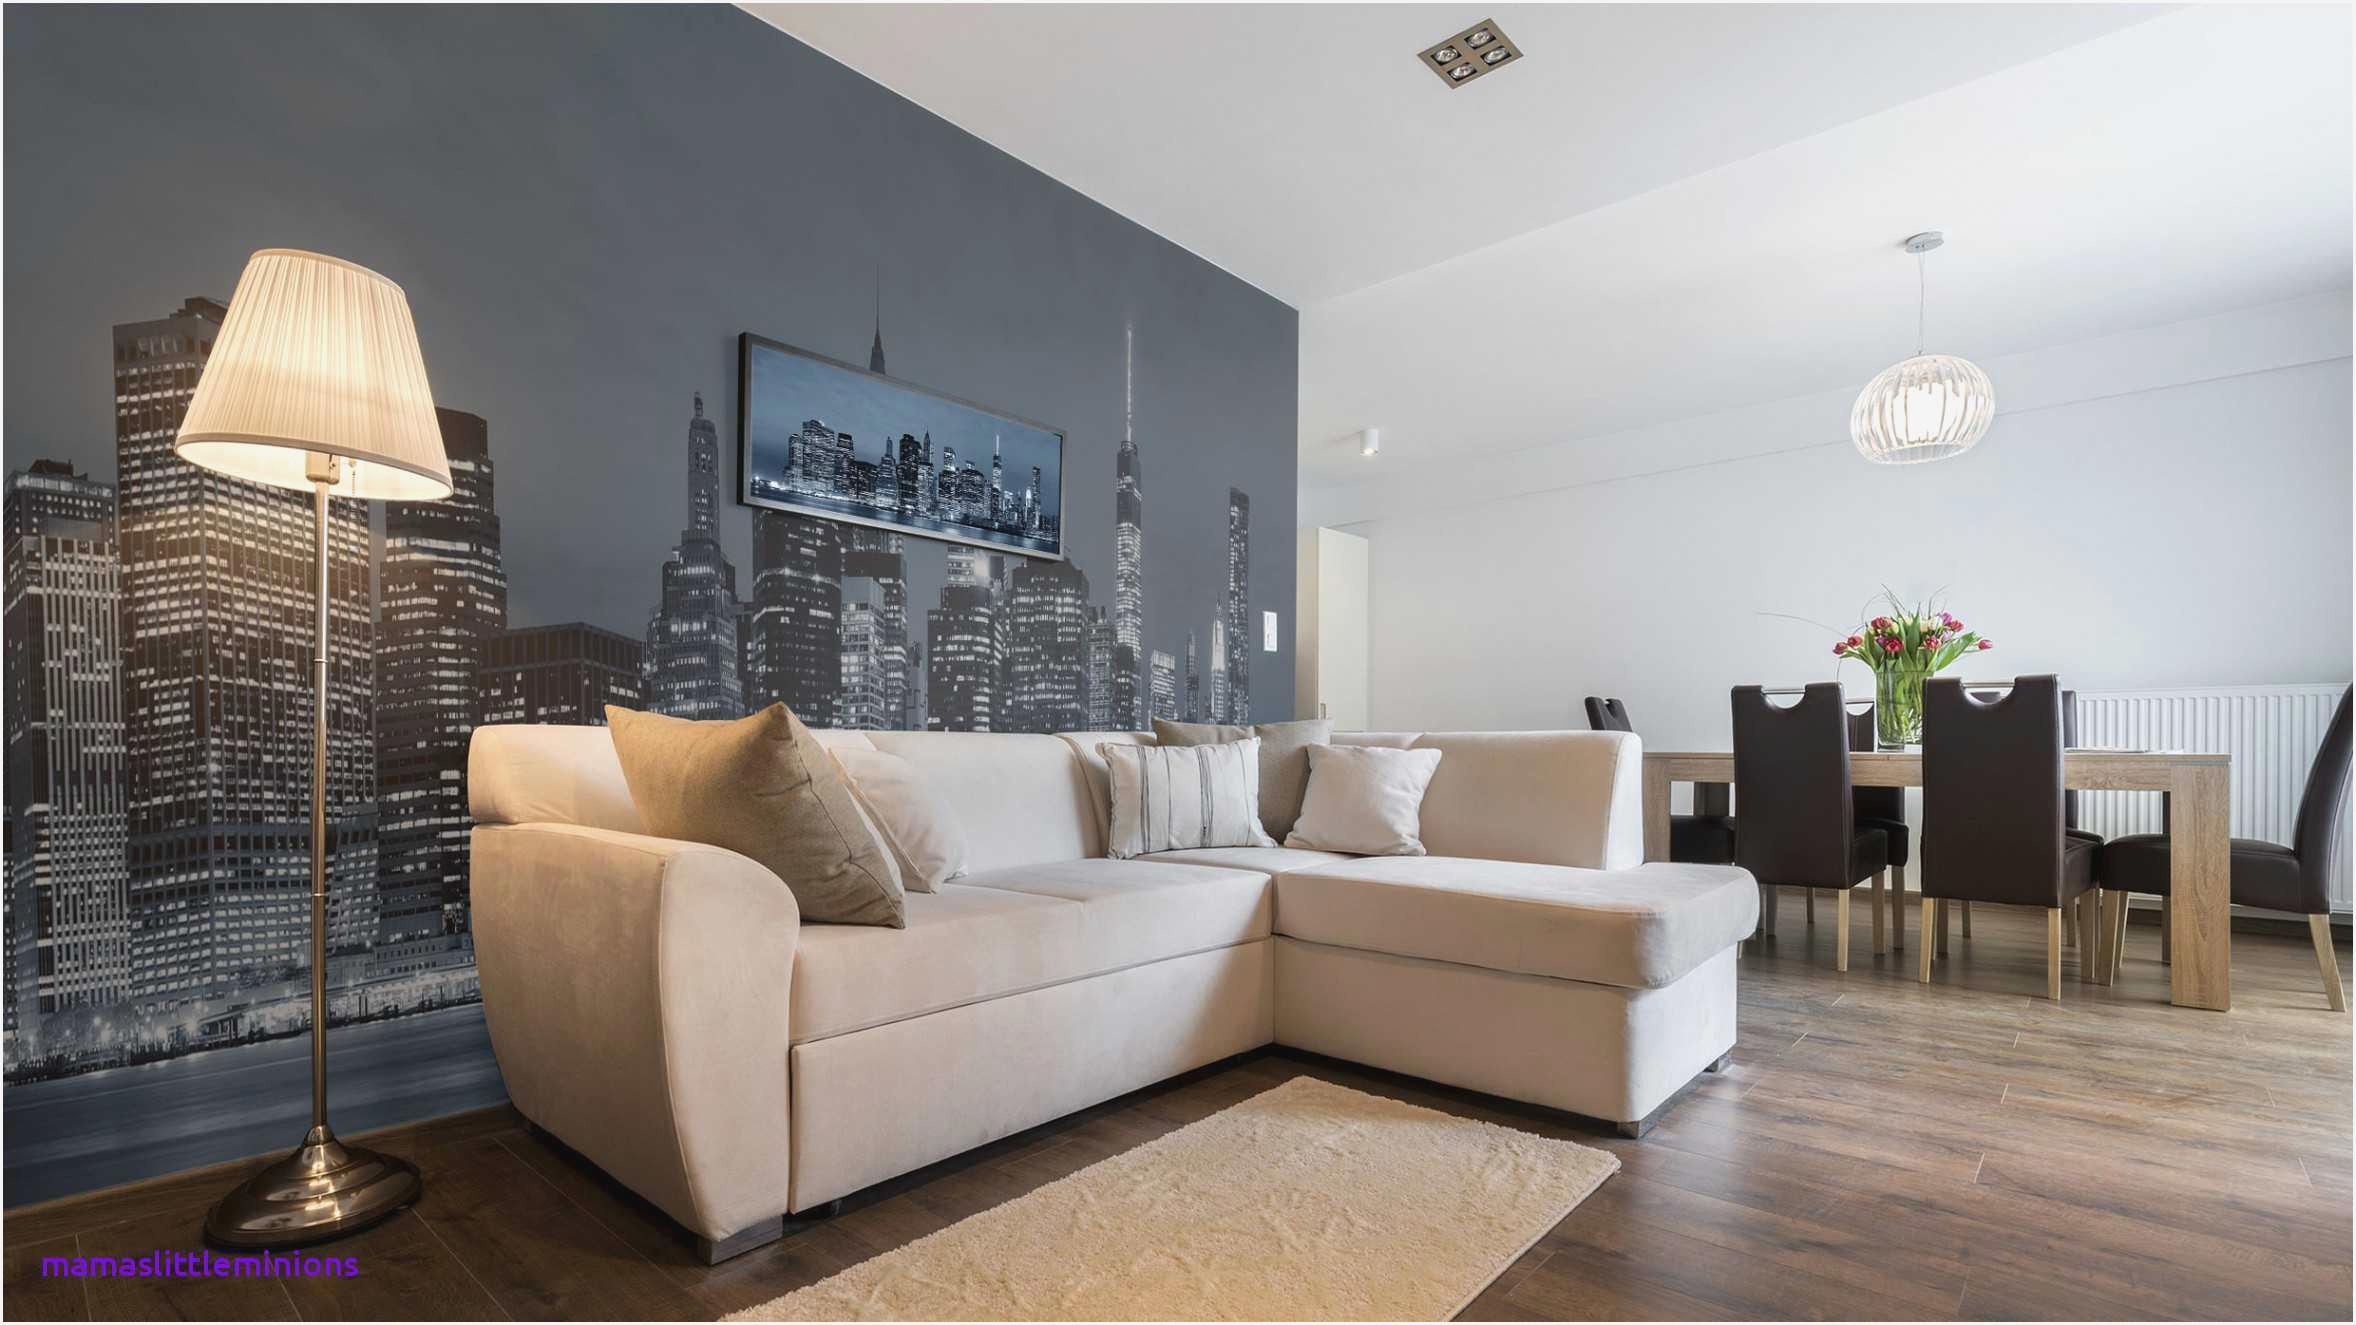 Full Size of Wohnzimmer Eiche Rustikal Modernisieren Modern Holz Grau Luxus Bilder Einrichten Dekorieren Ideen Streichen Traumhaus Vorhänge Teppich Wandbild Fürs Tapete Wohnzimmer Wohnzimmer Modern